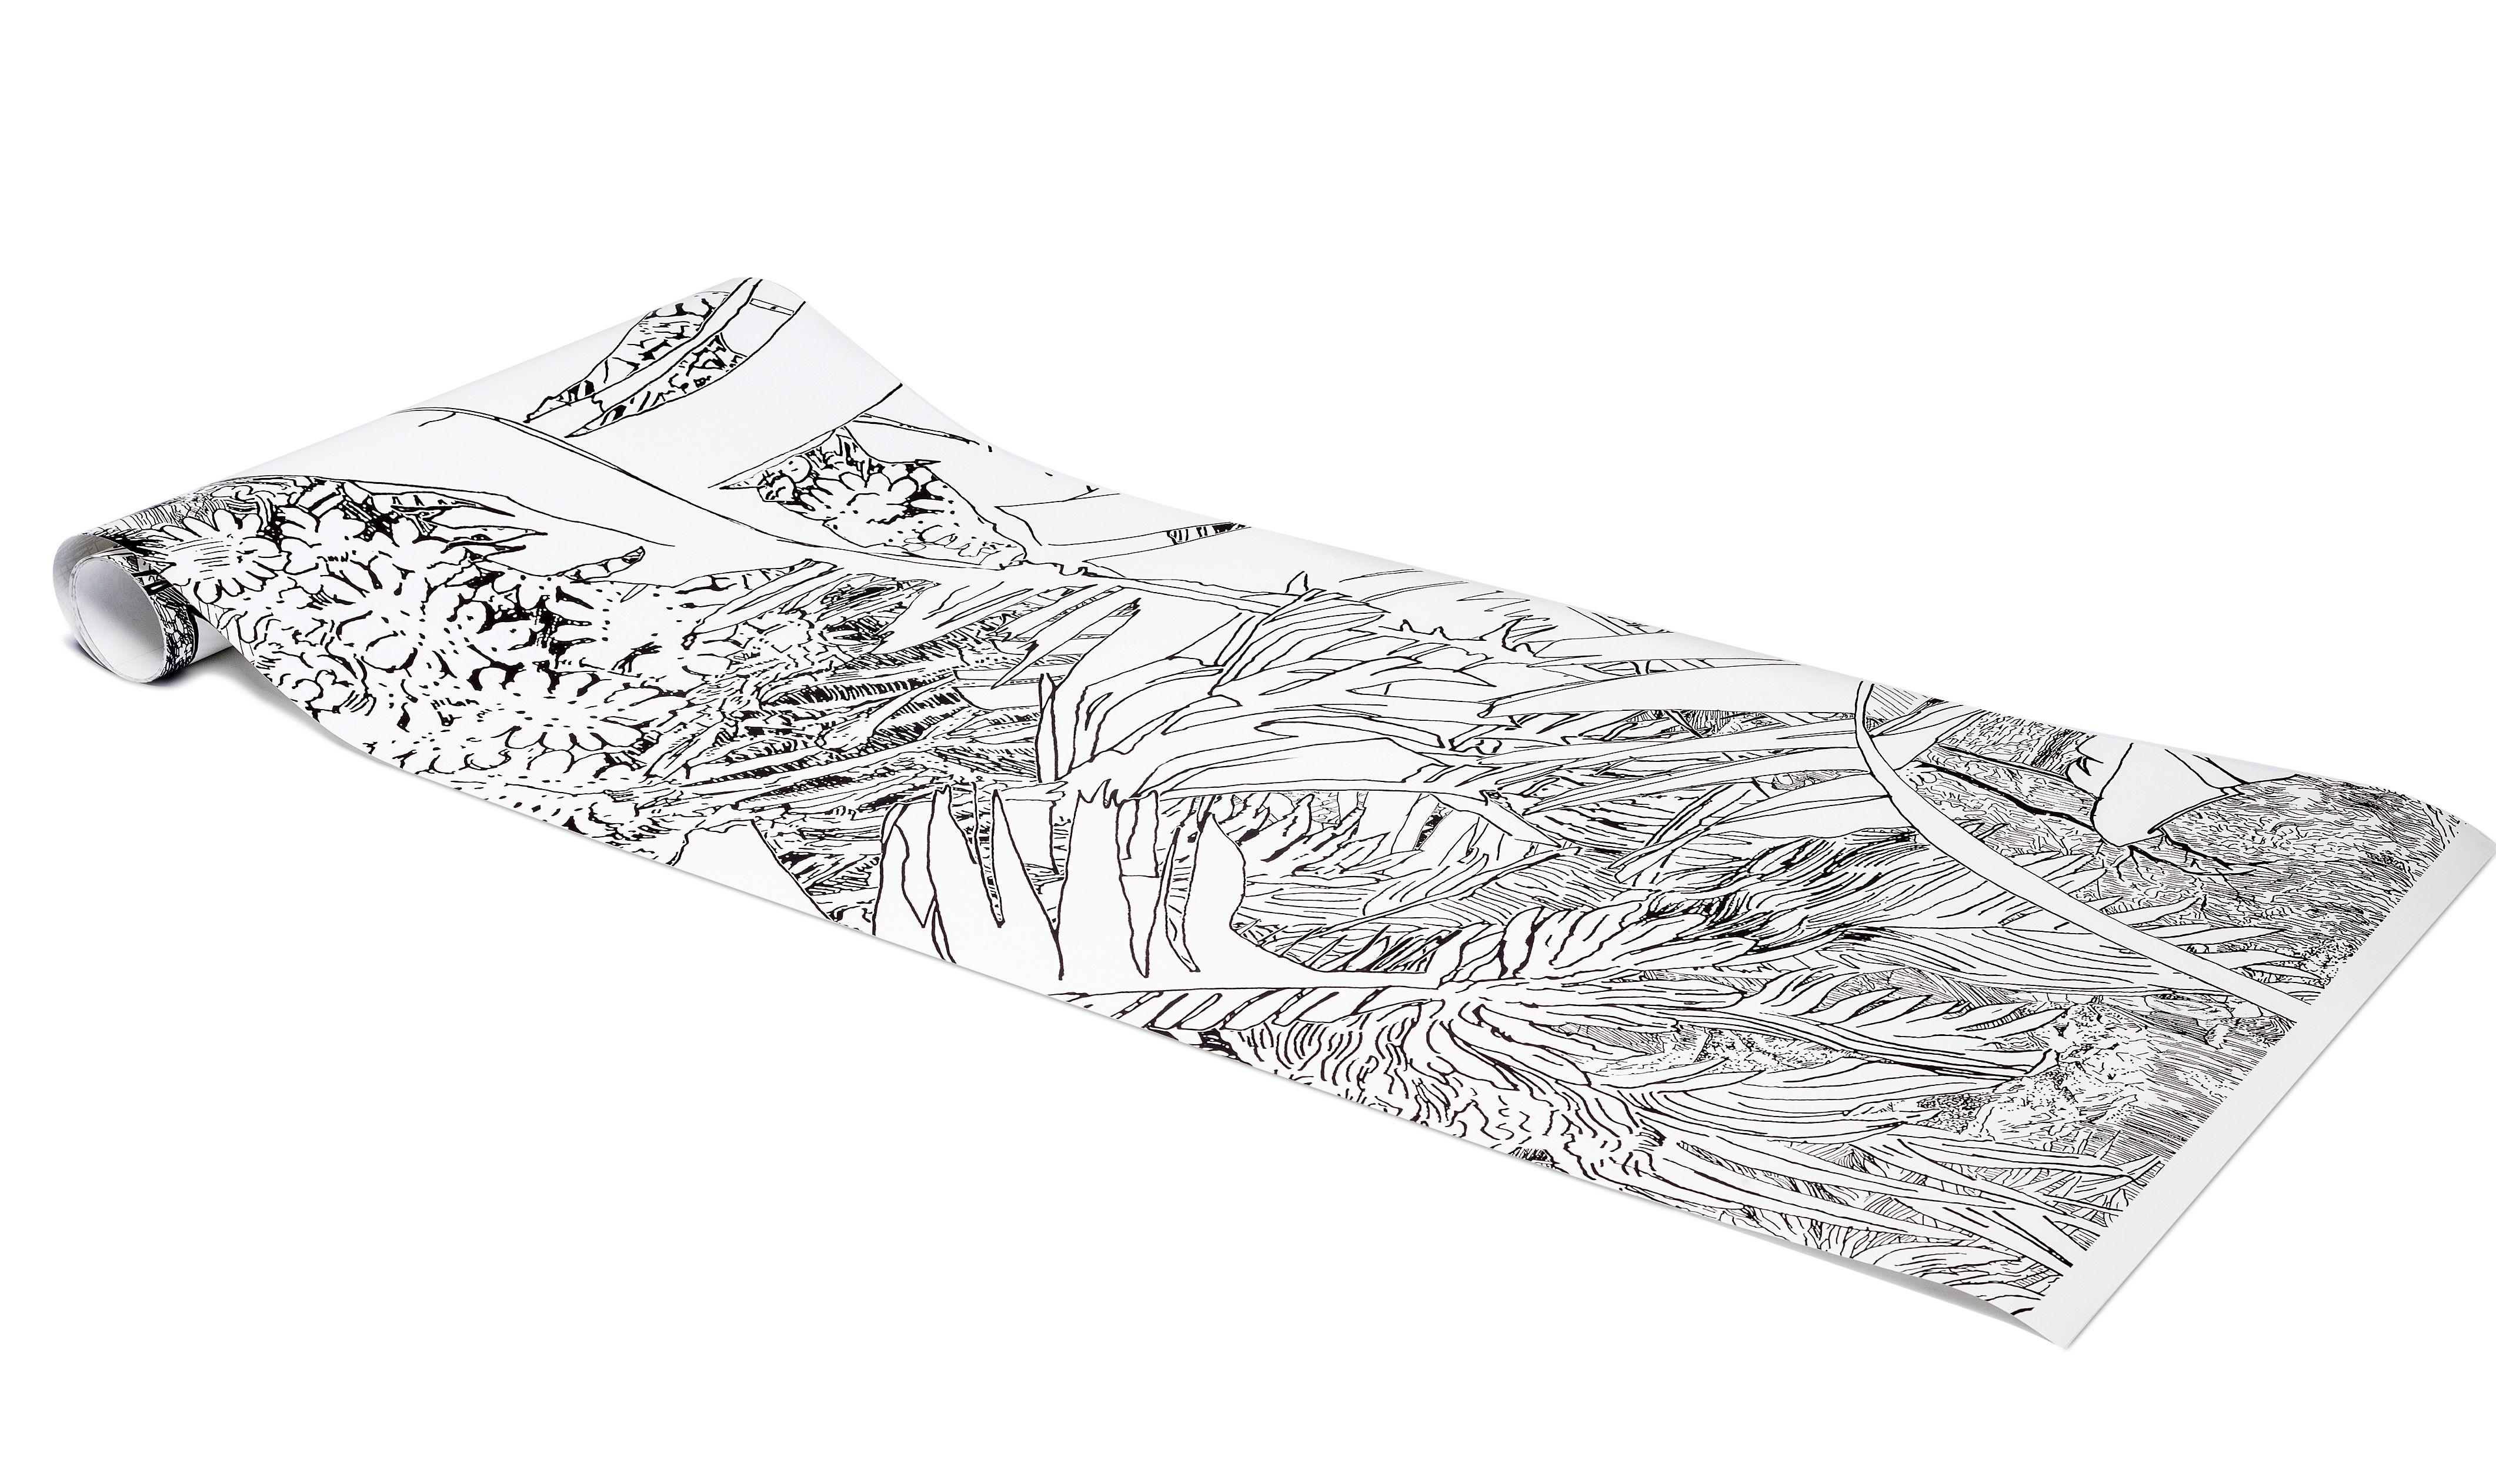 Papier Peint Jungle 2 1 Rouleau Larg 48 Cm Noir Fond Blanc